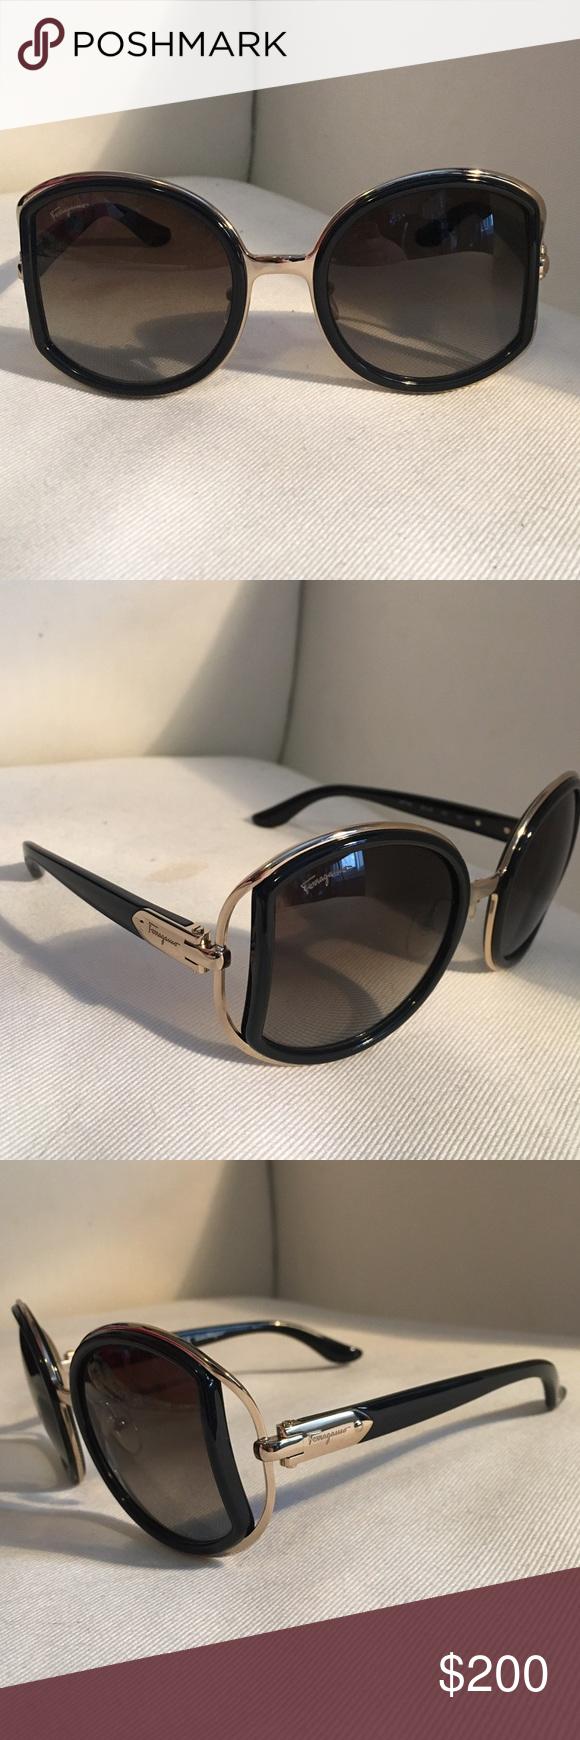 Ferragammo Sunglasses In great condition, little wear Salvatore Ferragamo Accessories Sunglasses